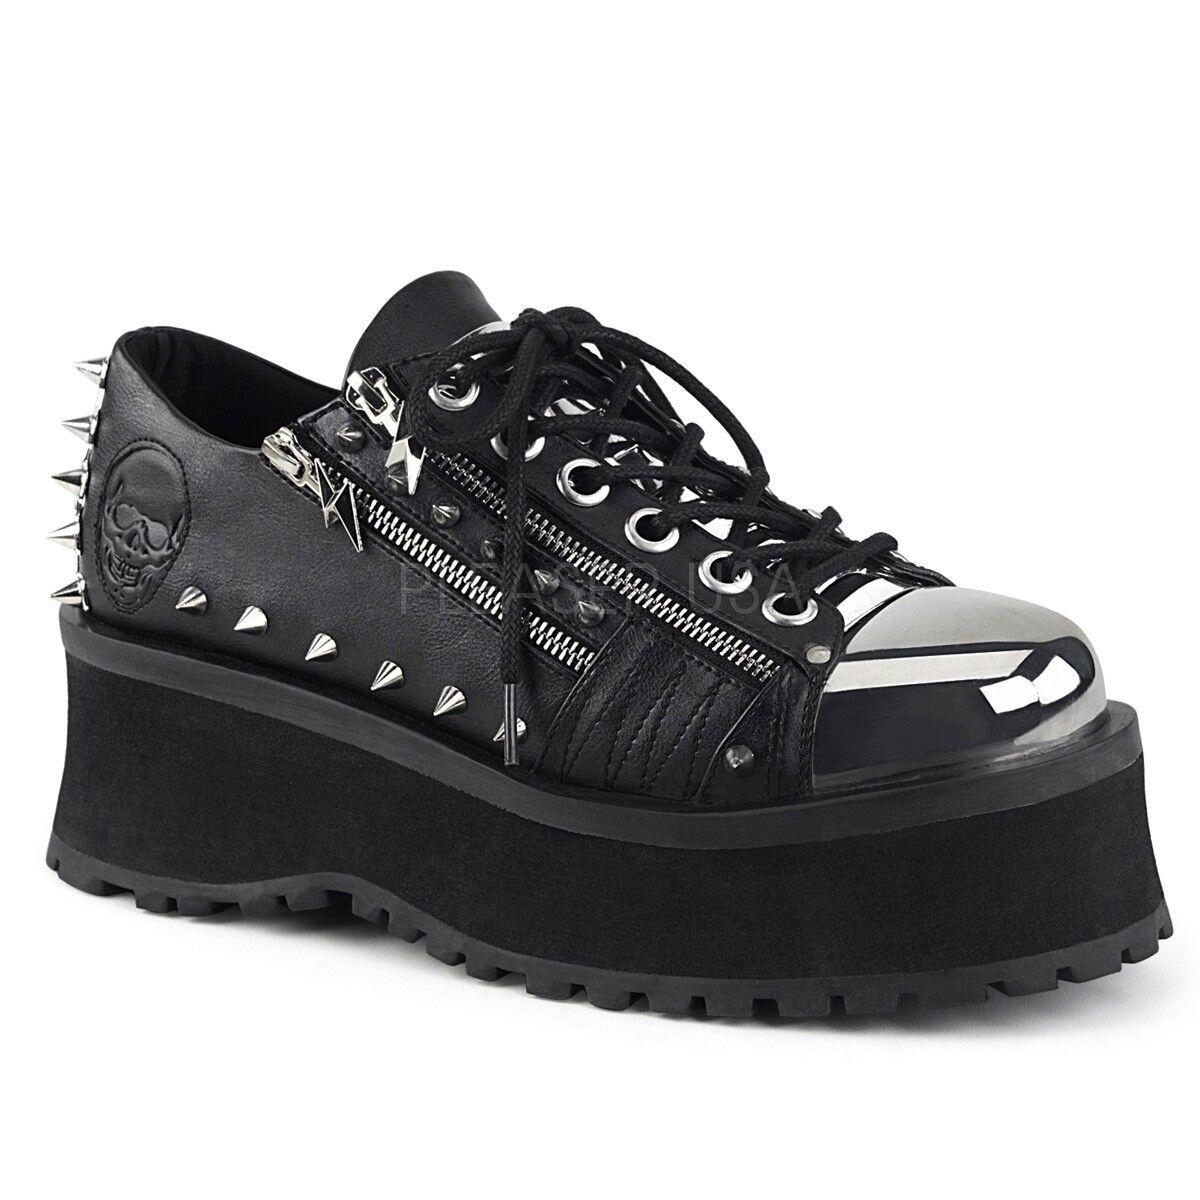 Demonia 2.75  Platform Black Grave Digger Skull shoes  4 5 6 7 8 9 10 11 12 13